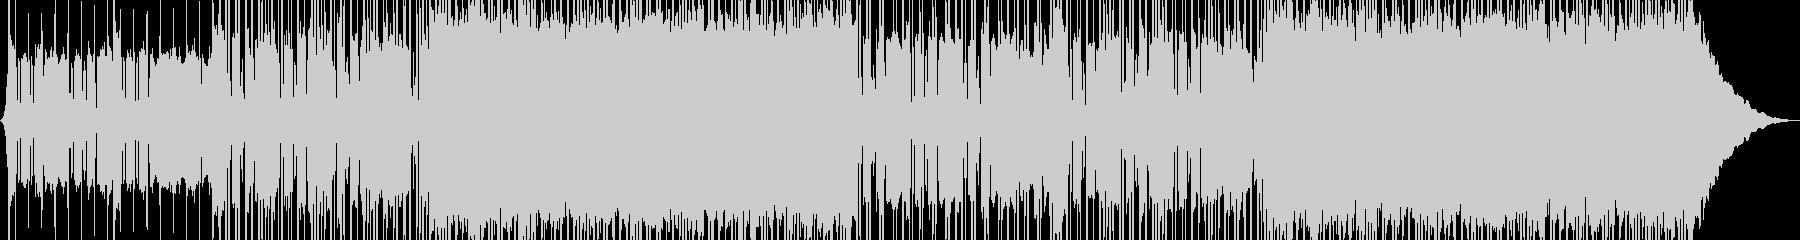 エネルギッシュなインディーロックの未再生の波形